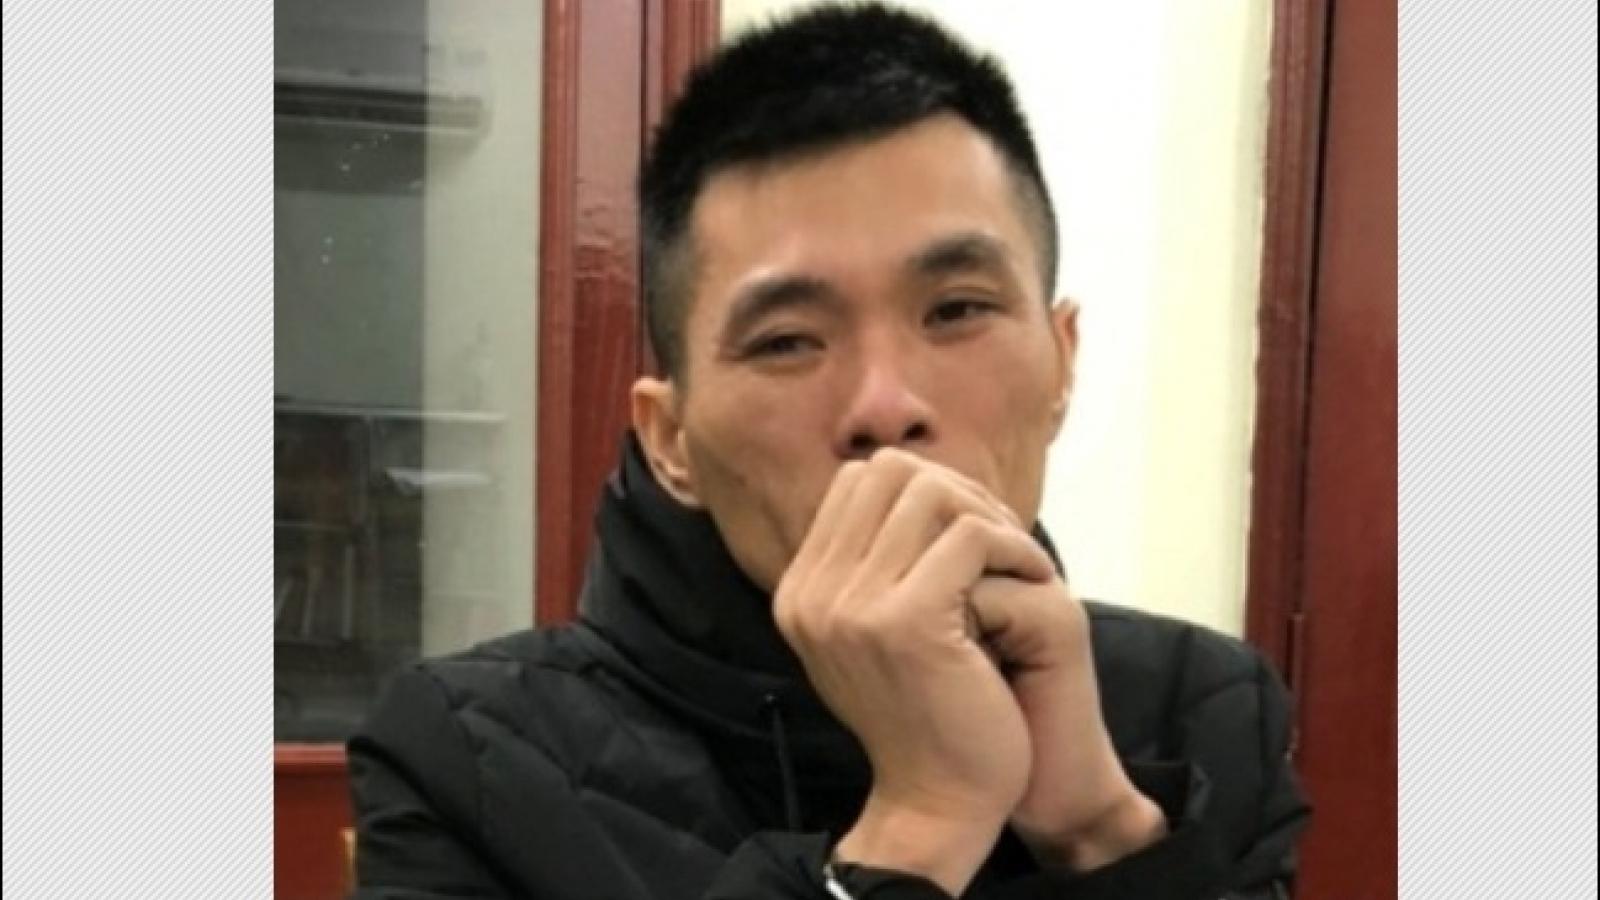 Bắt giữ đối tượng cướp tài sản bị truy nãtại Quảng Ninh